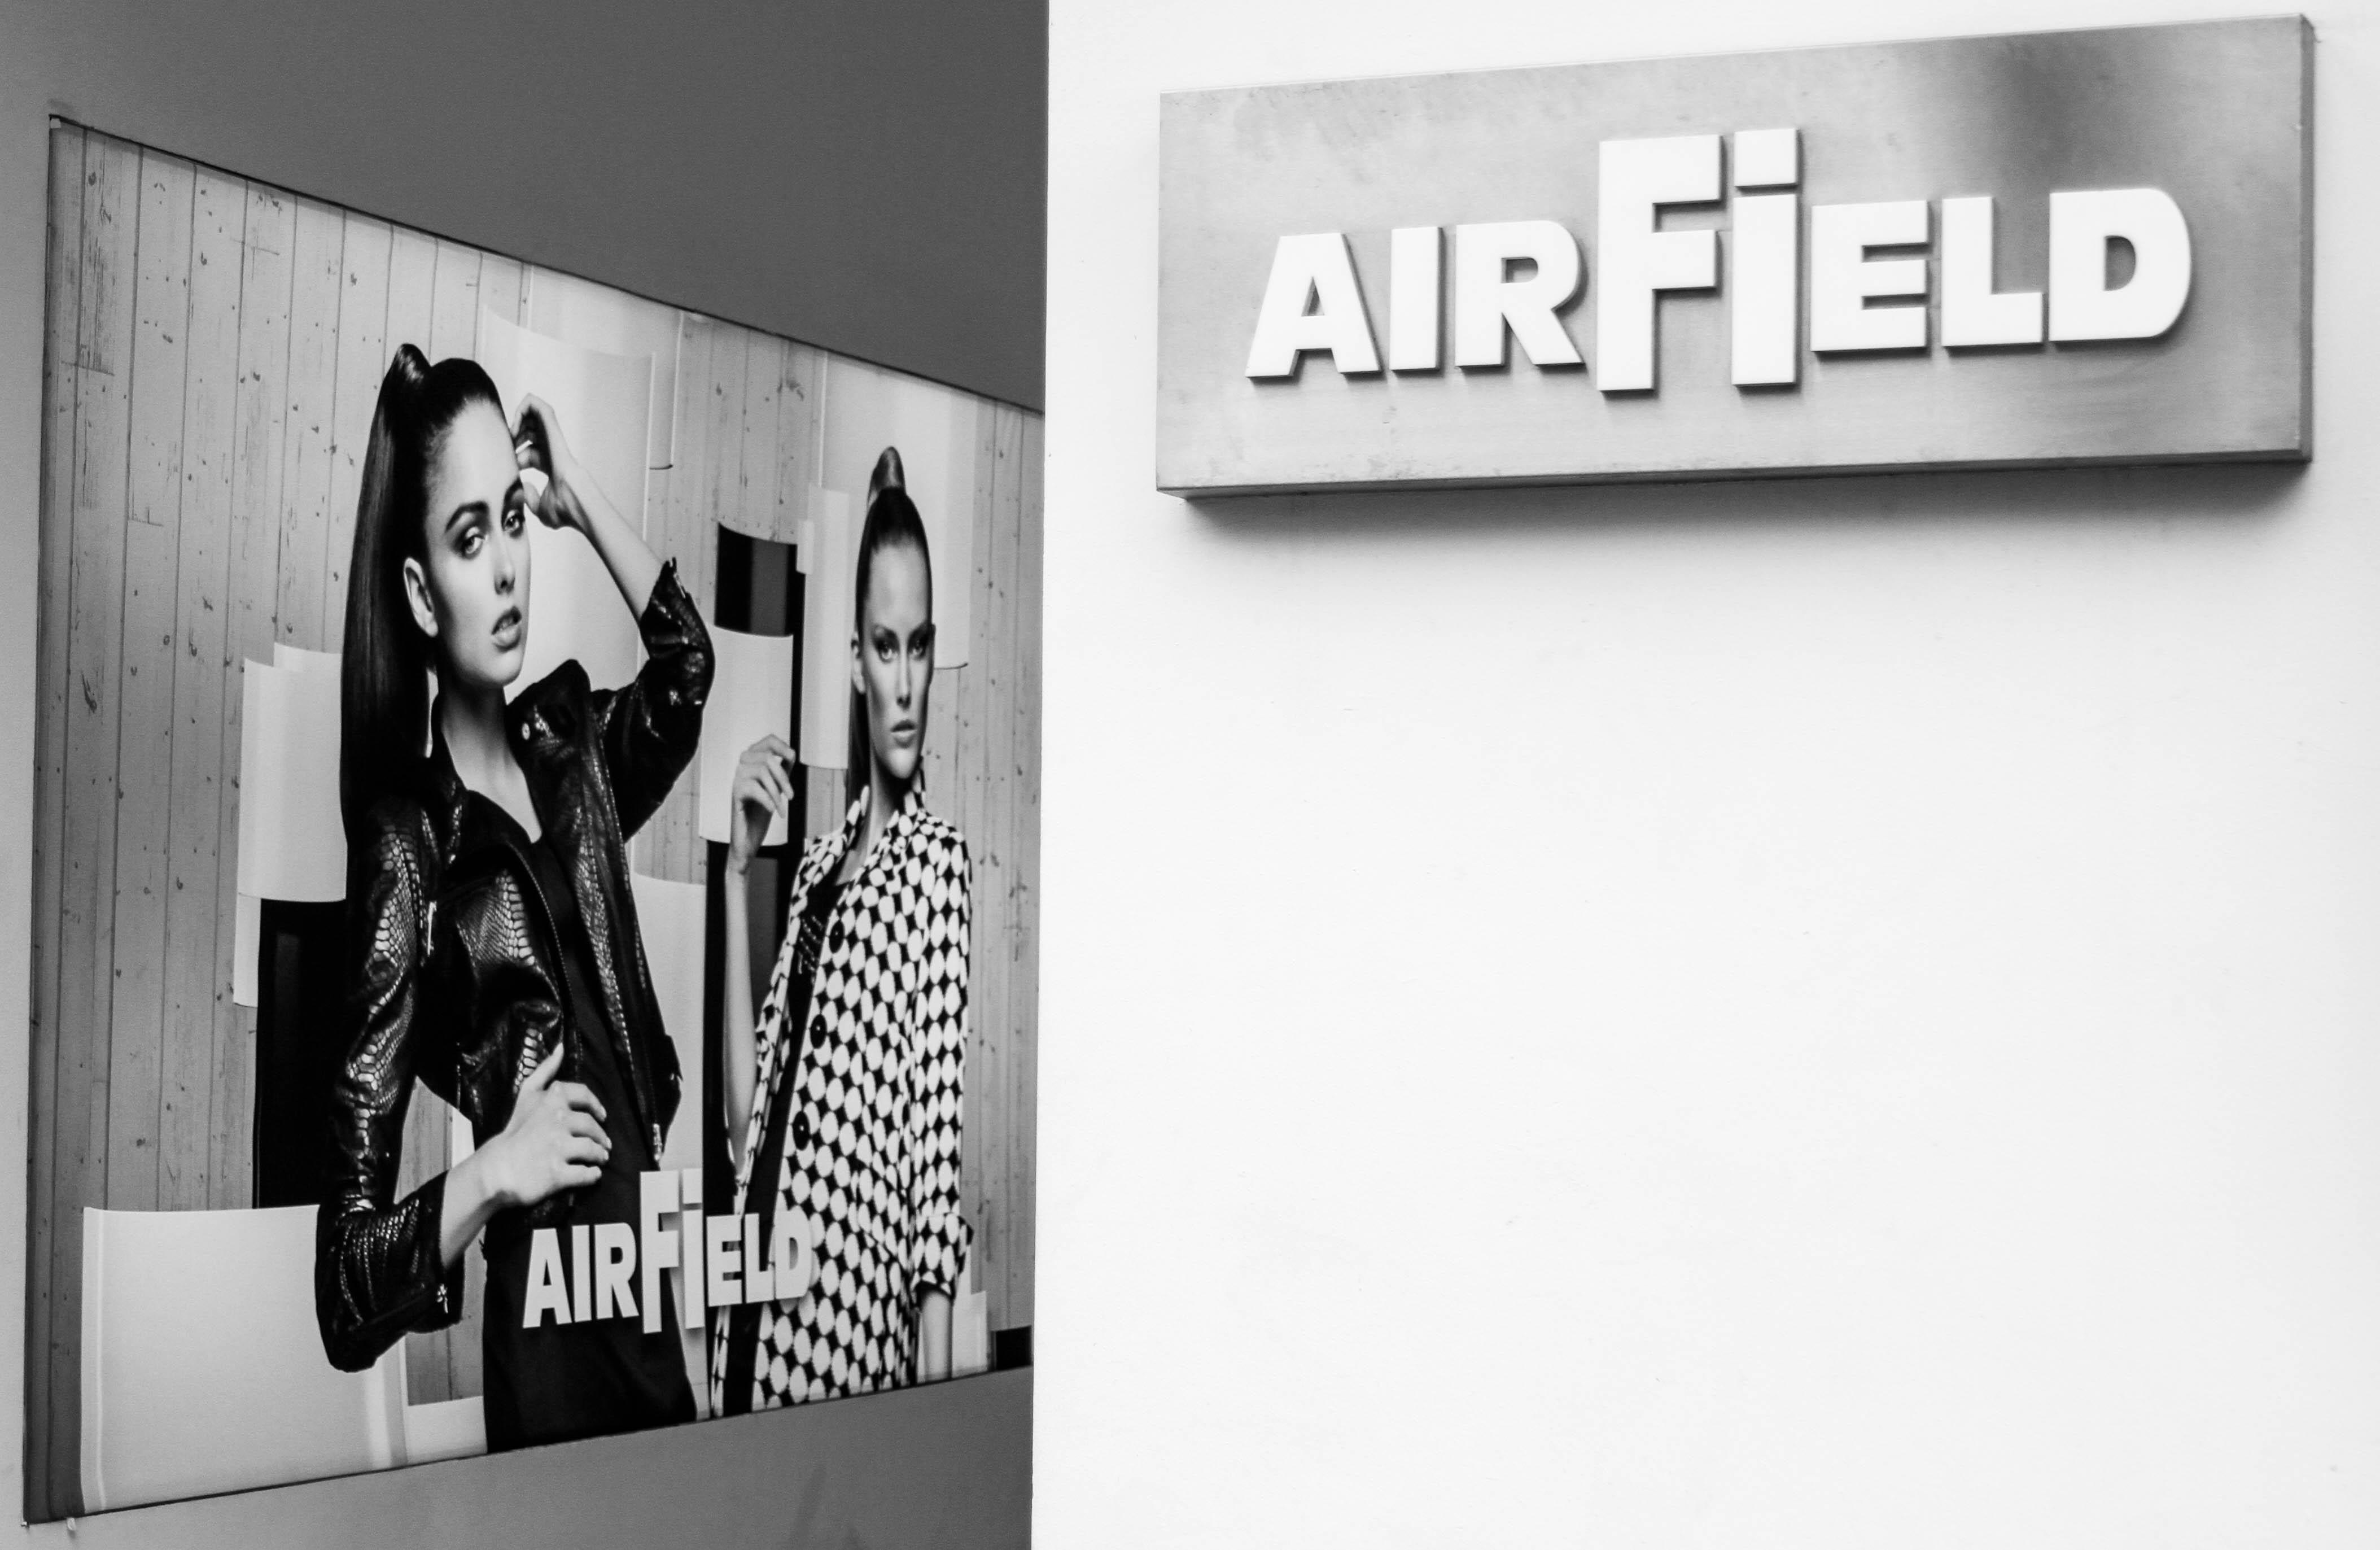 Fotos gratis : en blanco y negro, publicidad, marco, monocromo ...